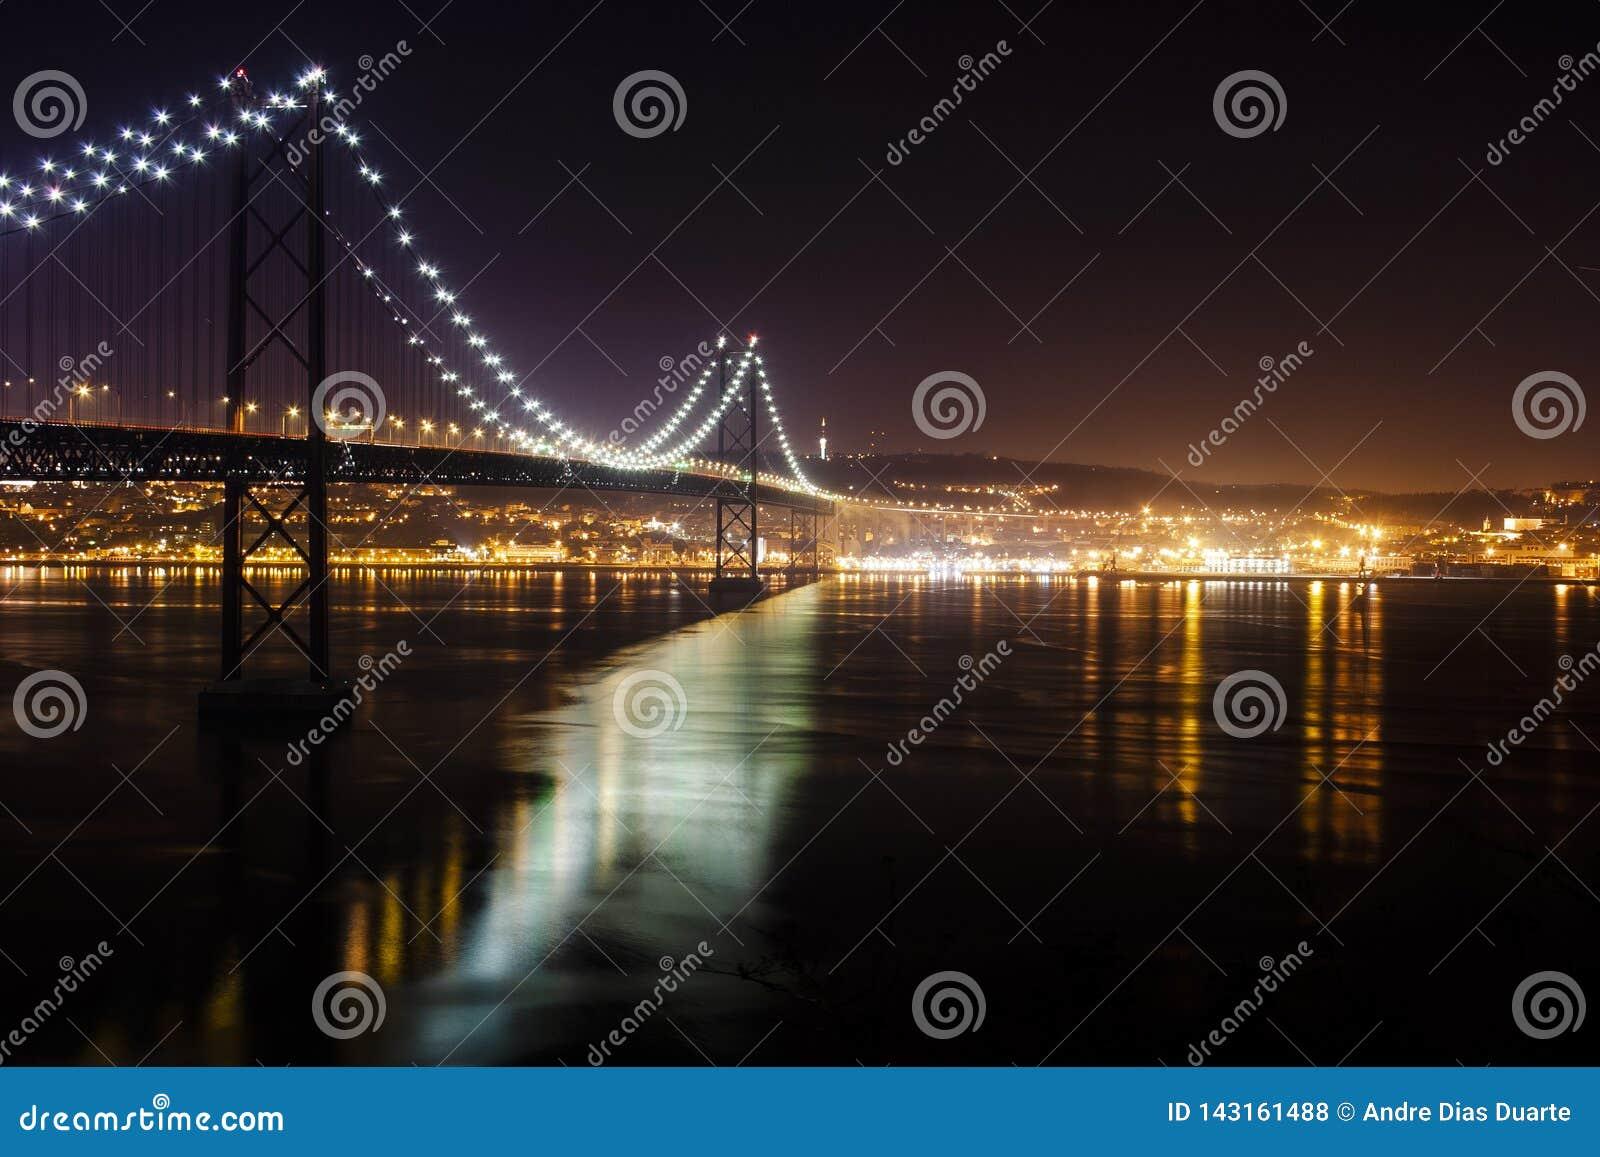 Image de nuit de pont